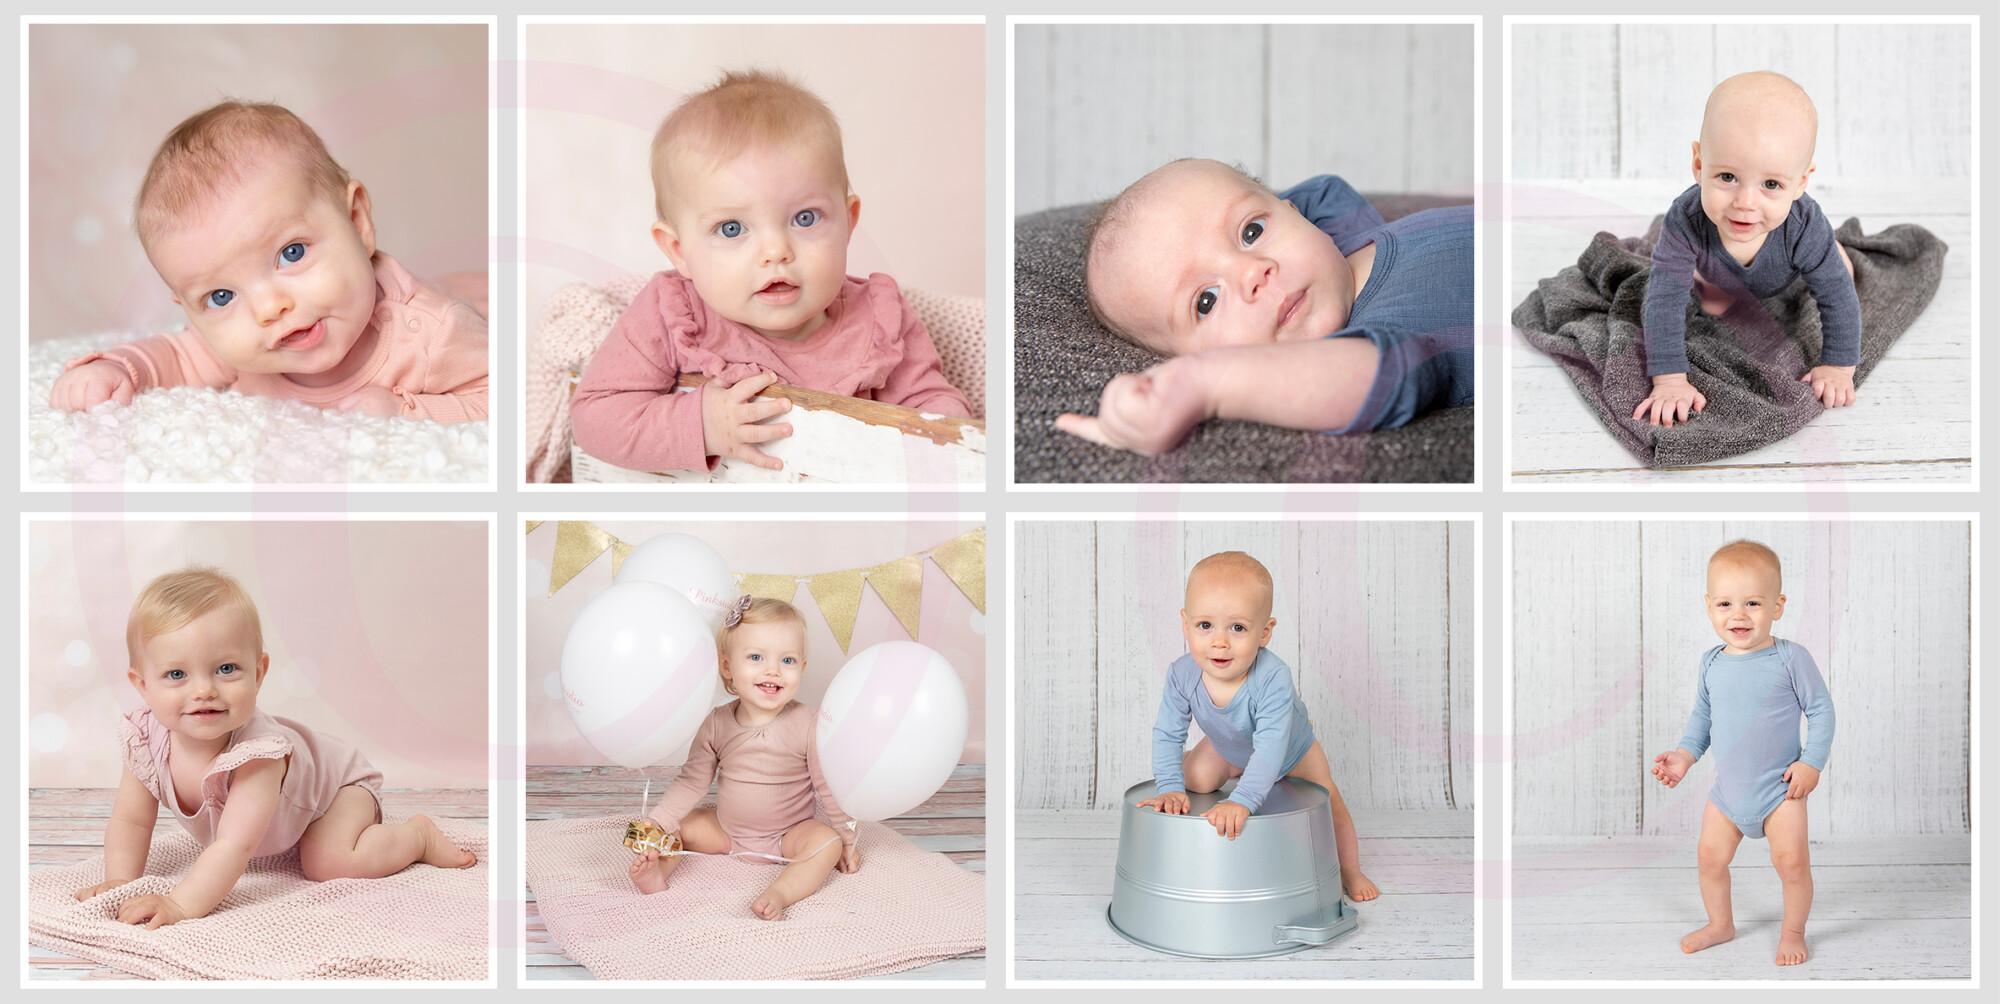 Pinkstudio by Angelina Devine Collage-kvartal Forårstilbud #2: Kvartalspakke + 2 Baby Børn Portræt Tilbud